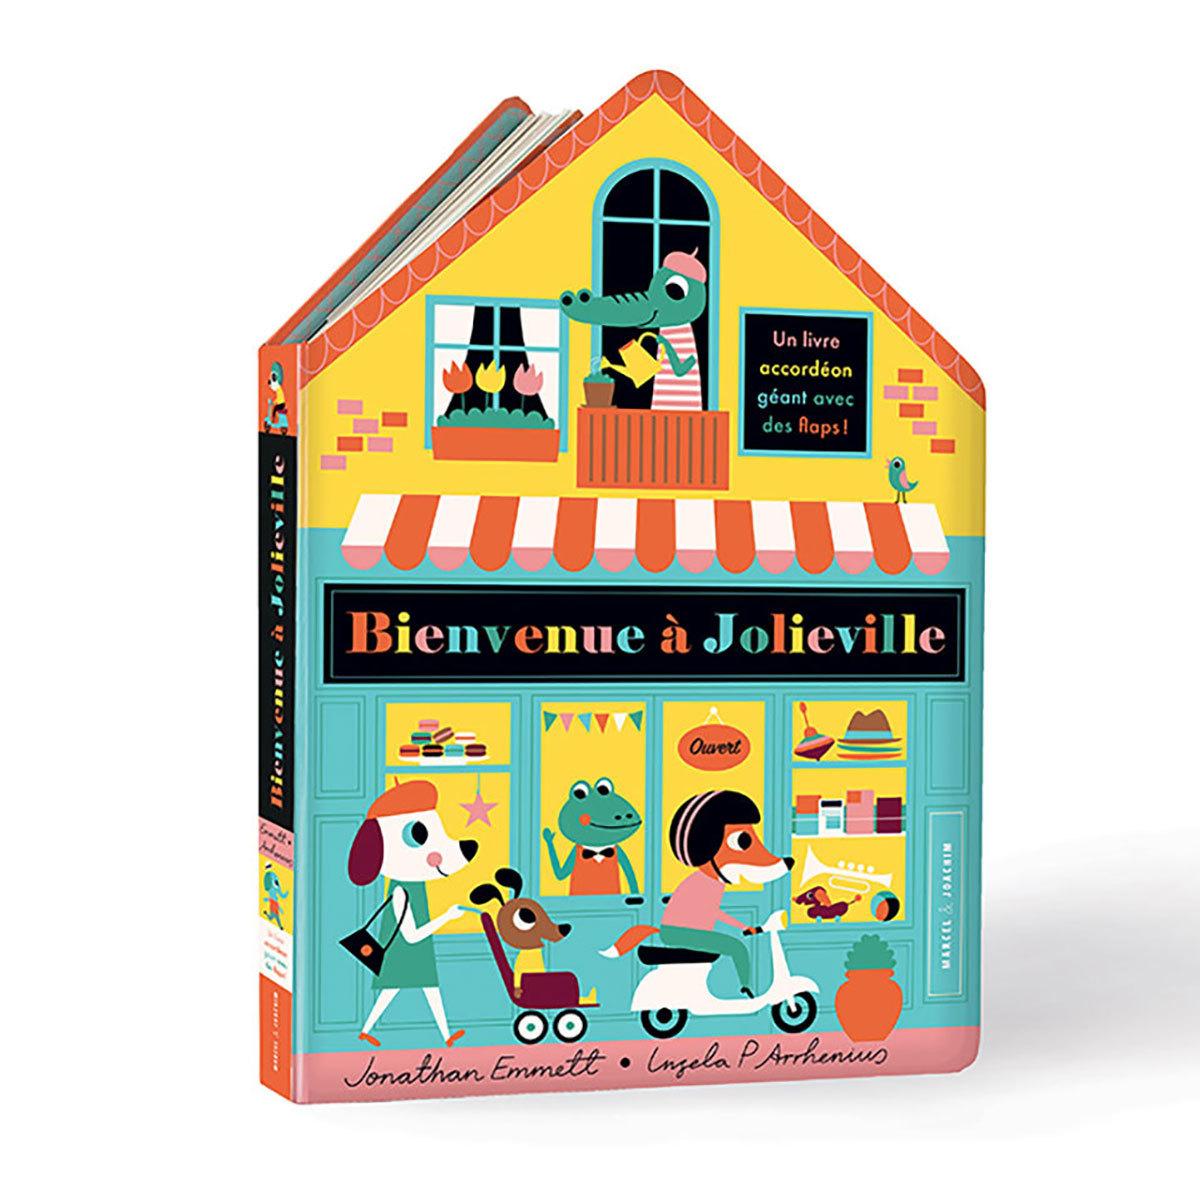 Livre & Carte Bienvenue à Jolieville Bienvenue à Jolieville